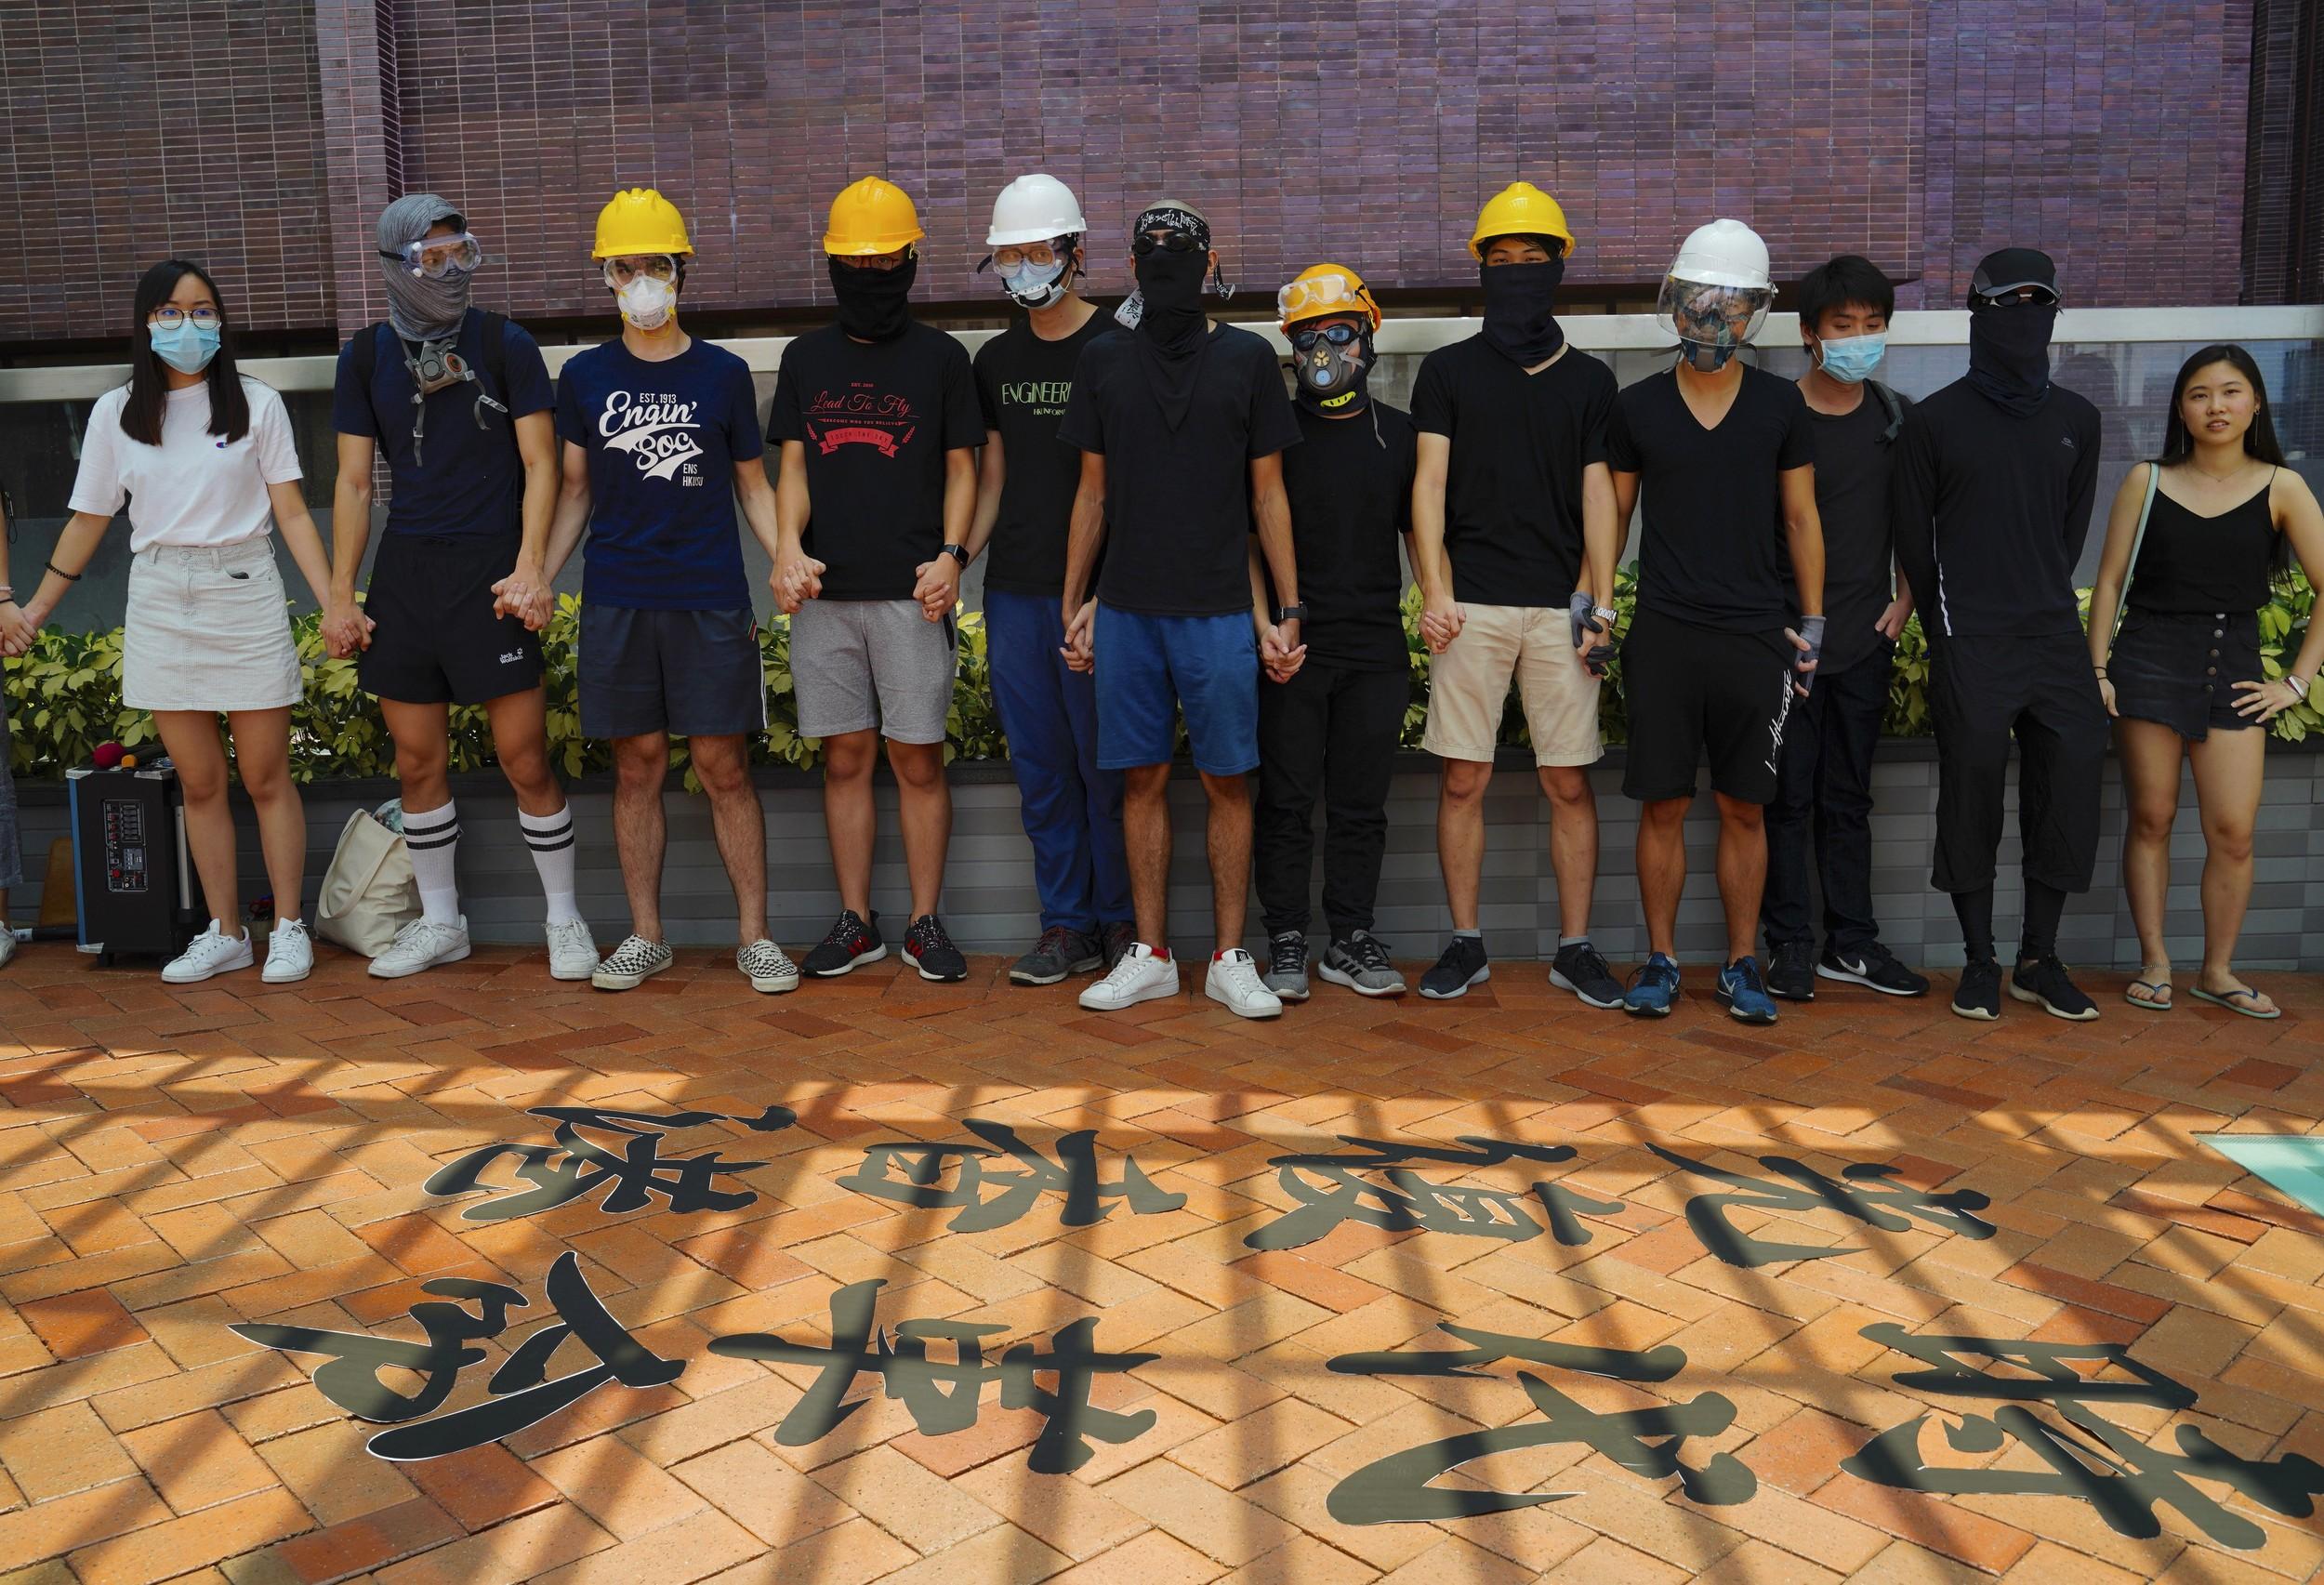 """2019年9月9日,香港抗议者在地上写下""""光复香港,时代革命""""的抗议标语。(美联社)"""